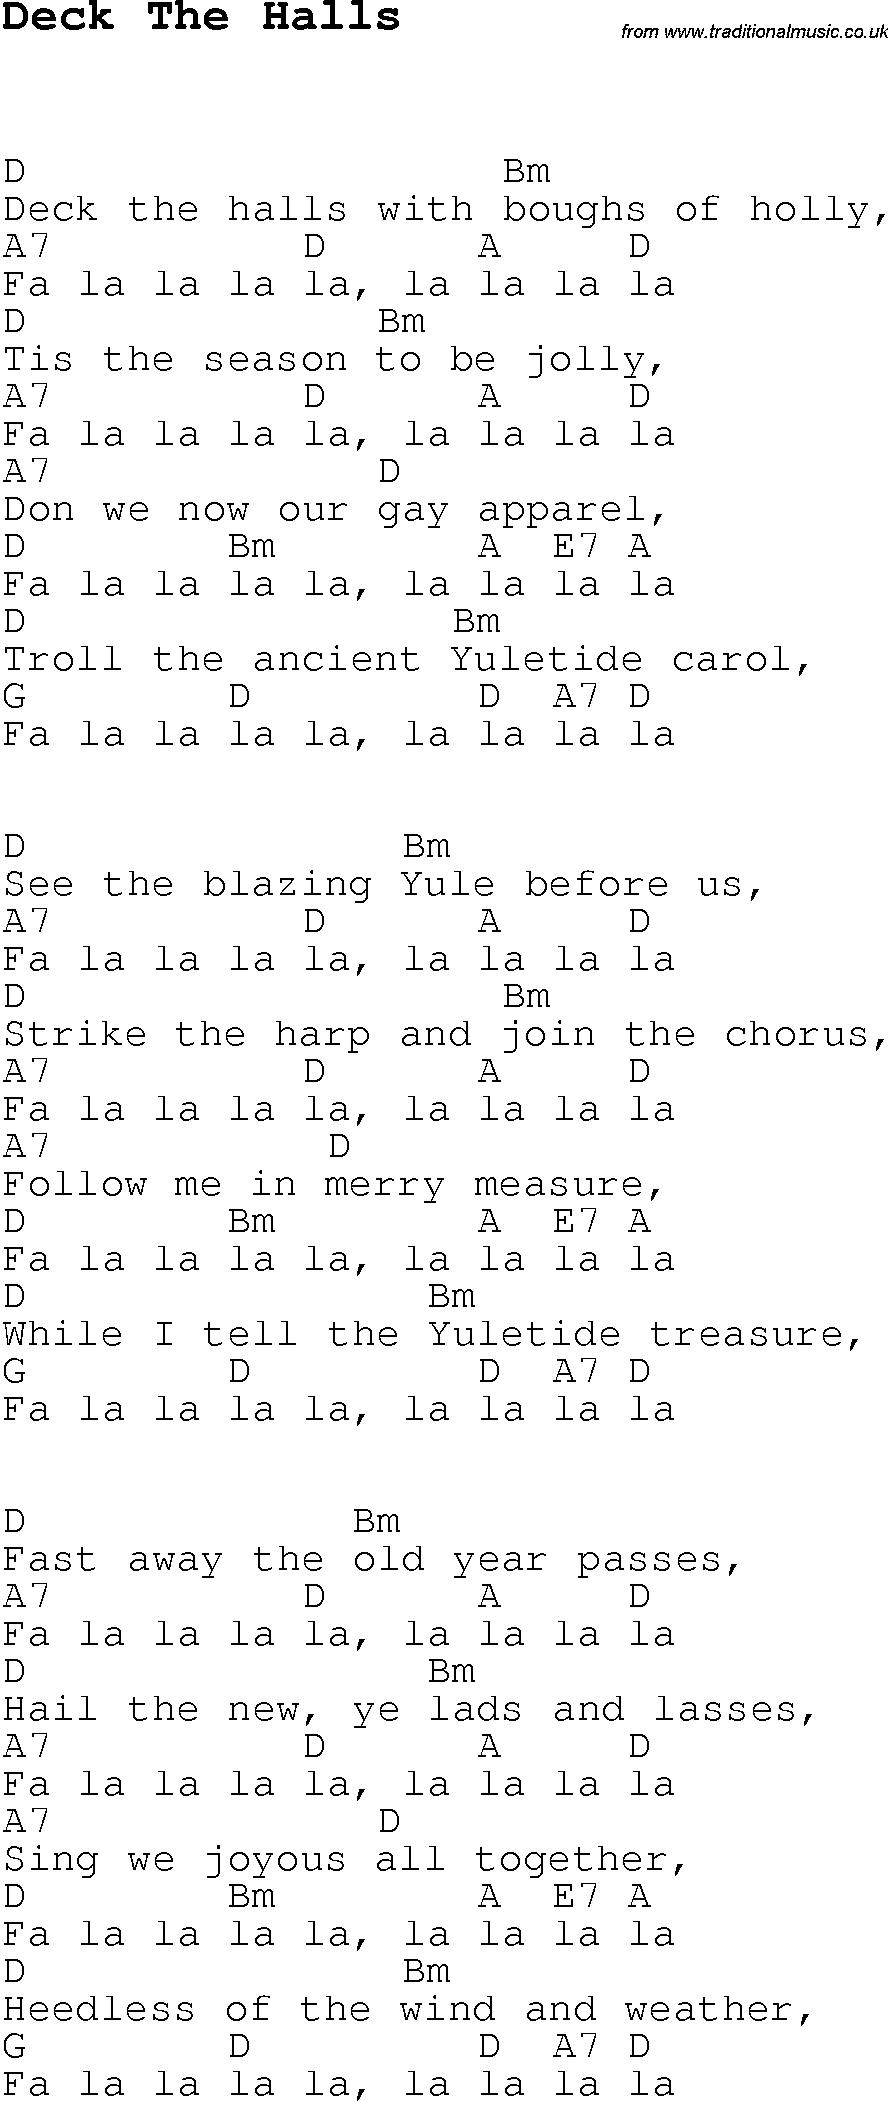 Christmas Carol Song Lyrics With Chords For Deck The Halls Christmas Ukulele Songs Ukulele Music Music Chords